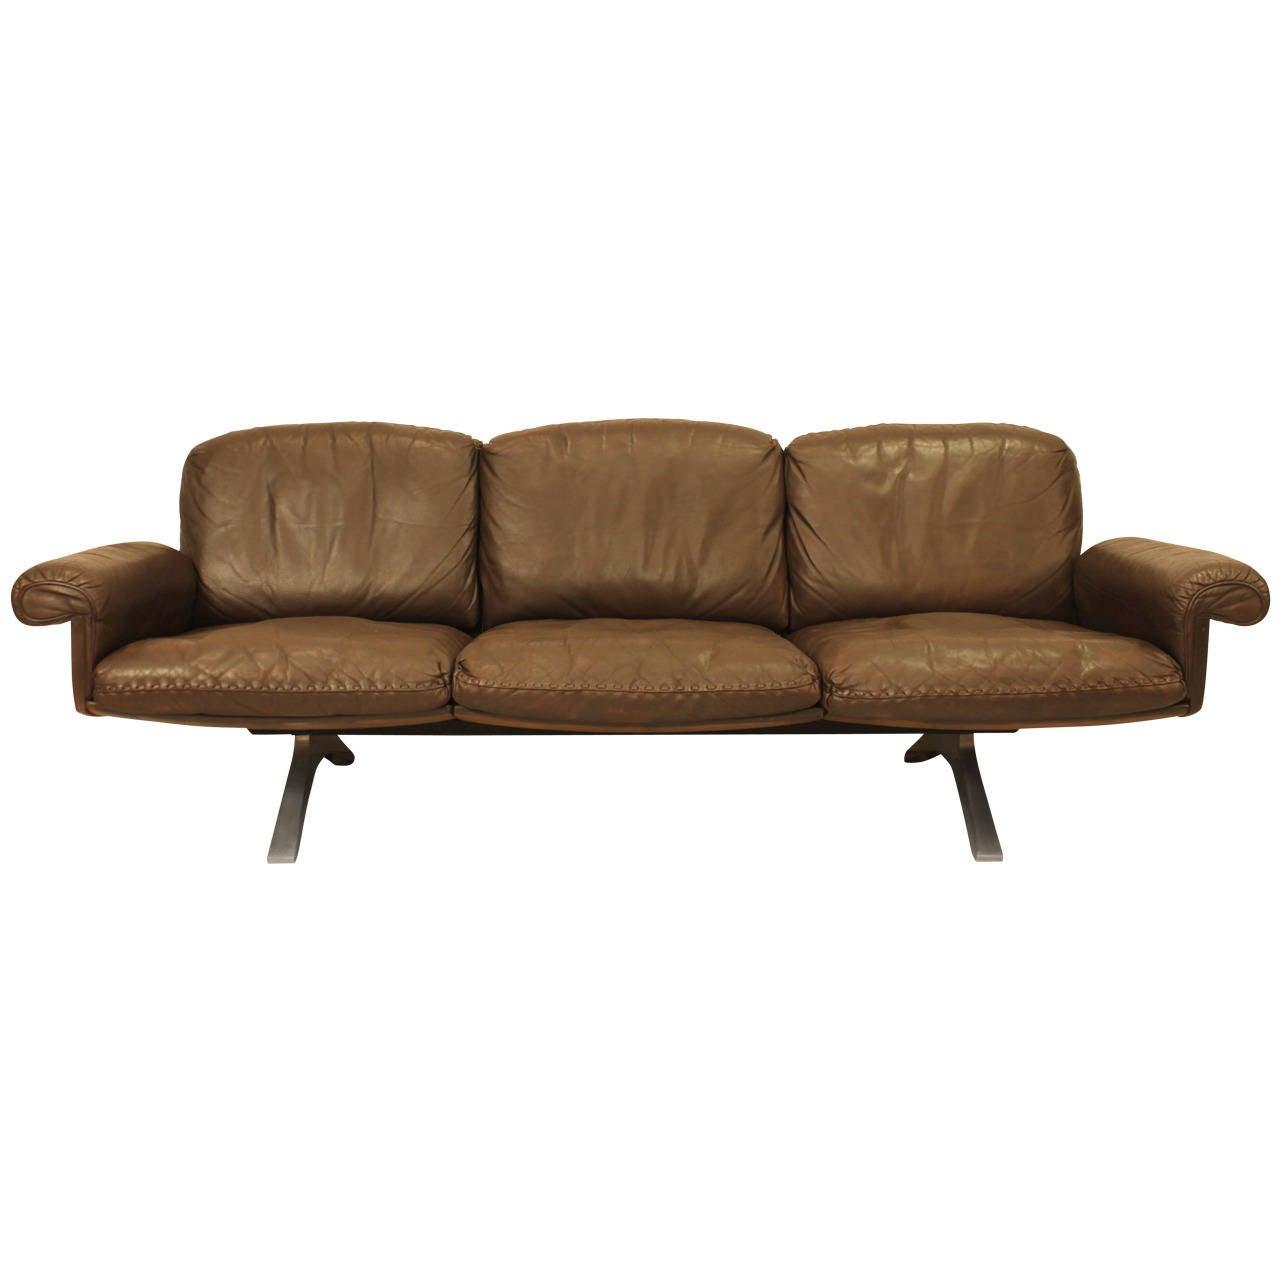 De Sede Chocolate Brown Sofa At 1stdibs